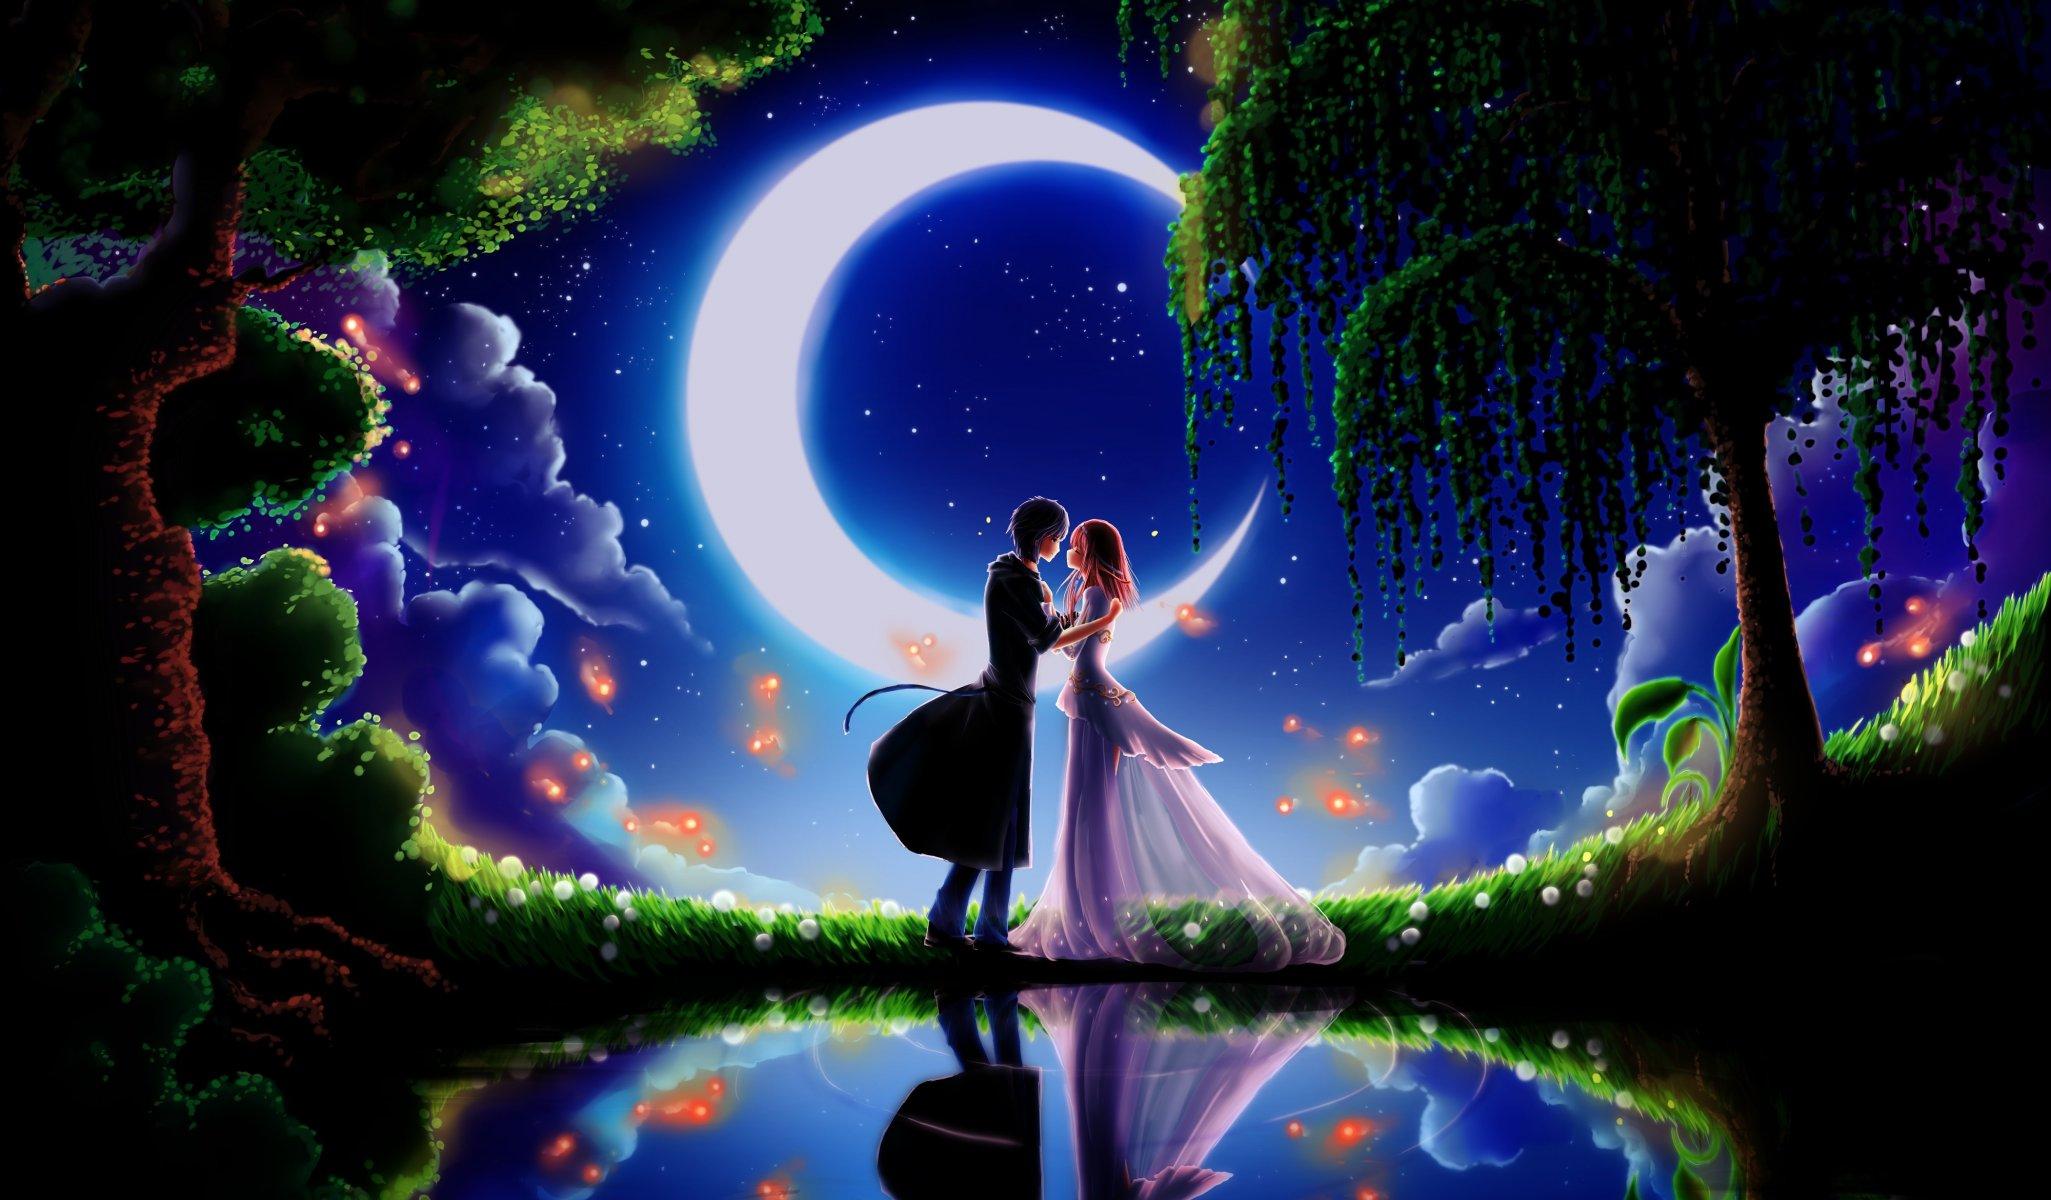 сказка о любви картинки позже